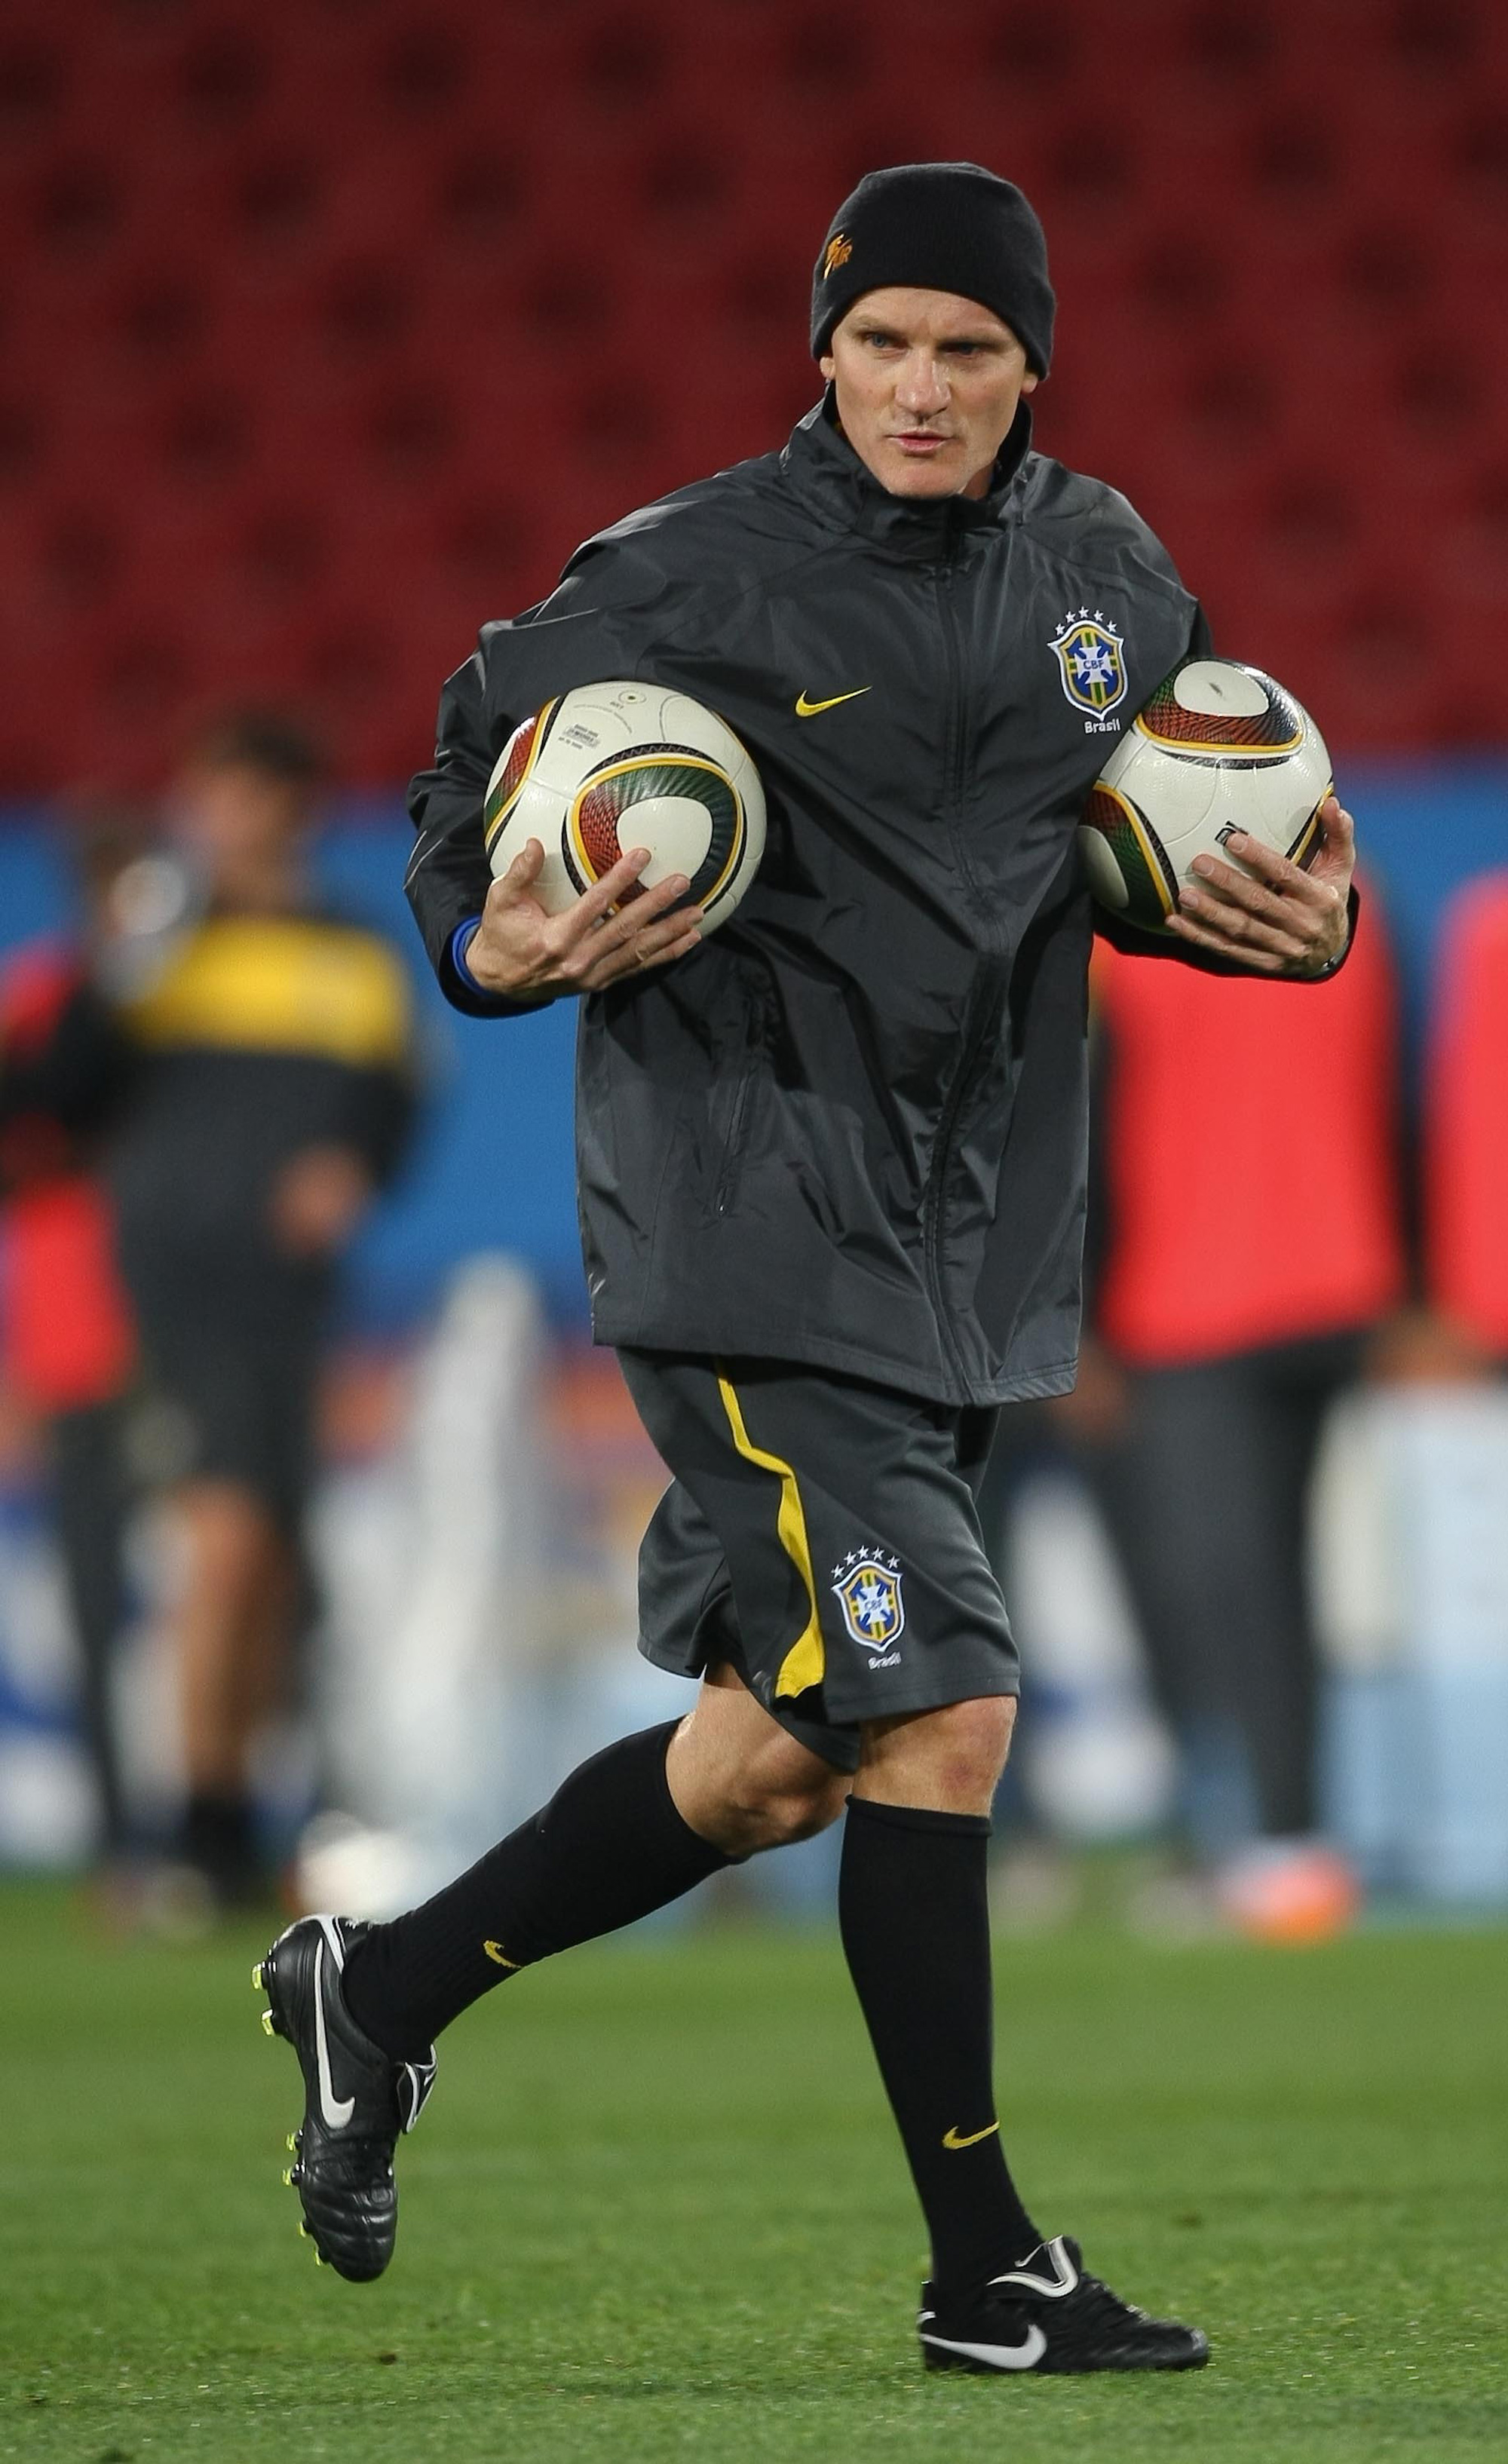 85392405eb Taffarel define perfil do novo goleiro e planeja sequência de jogos na  Seleção